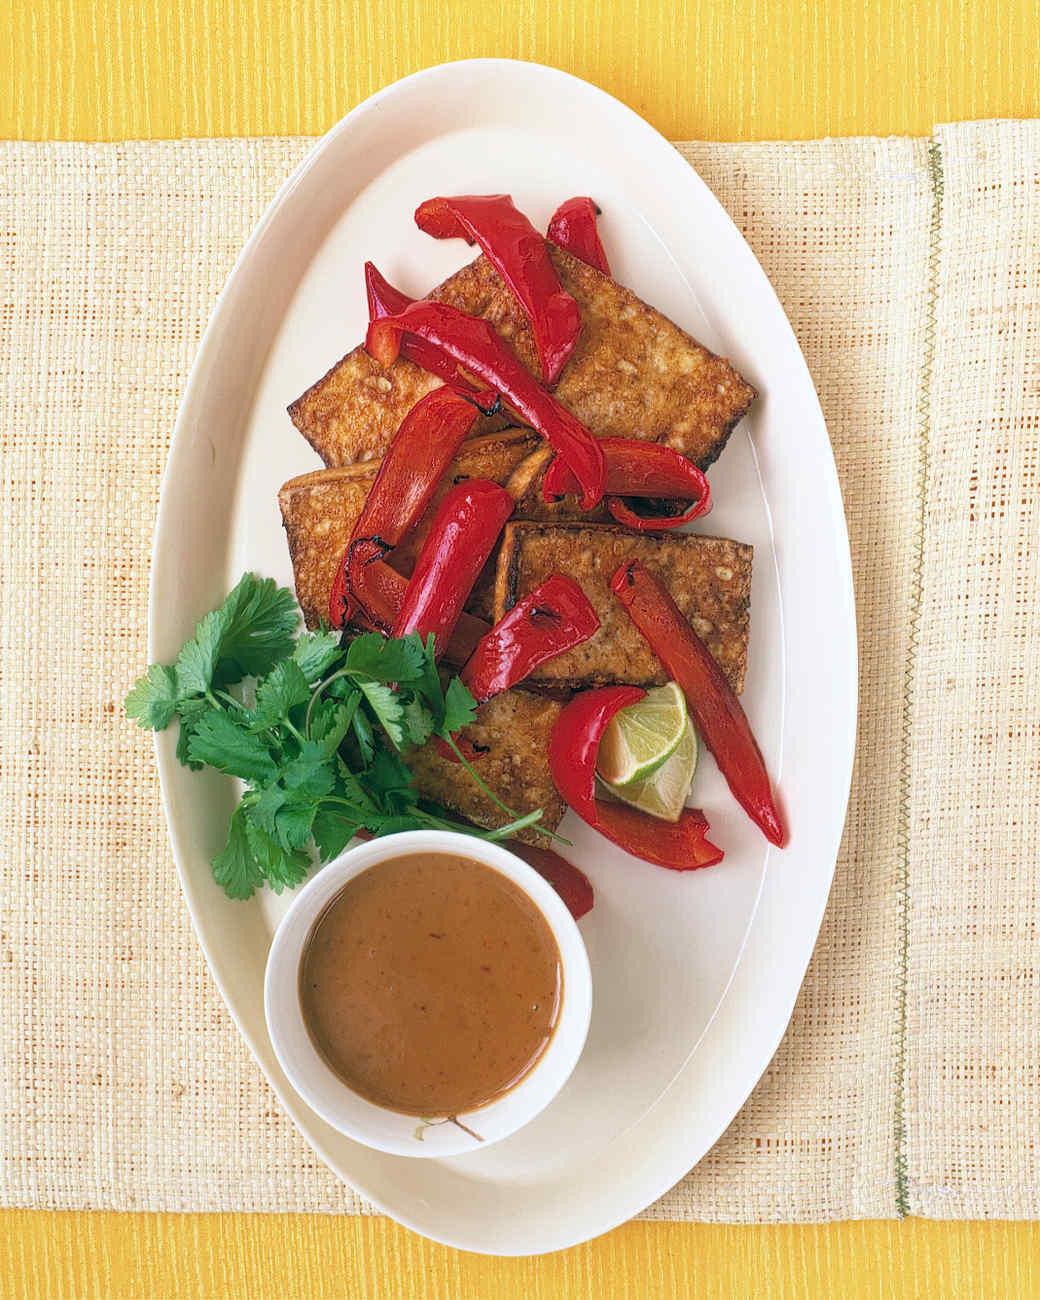 Vegetarian Main Dish Recipes  Vegan Main Dish Recipes